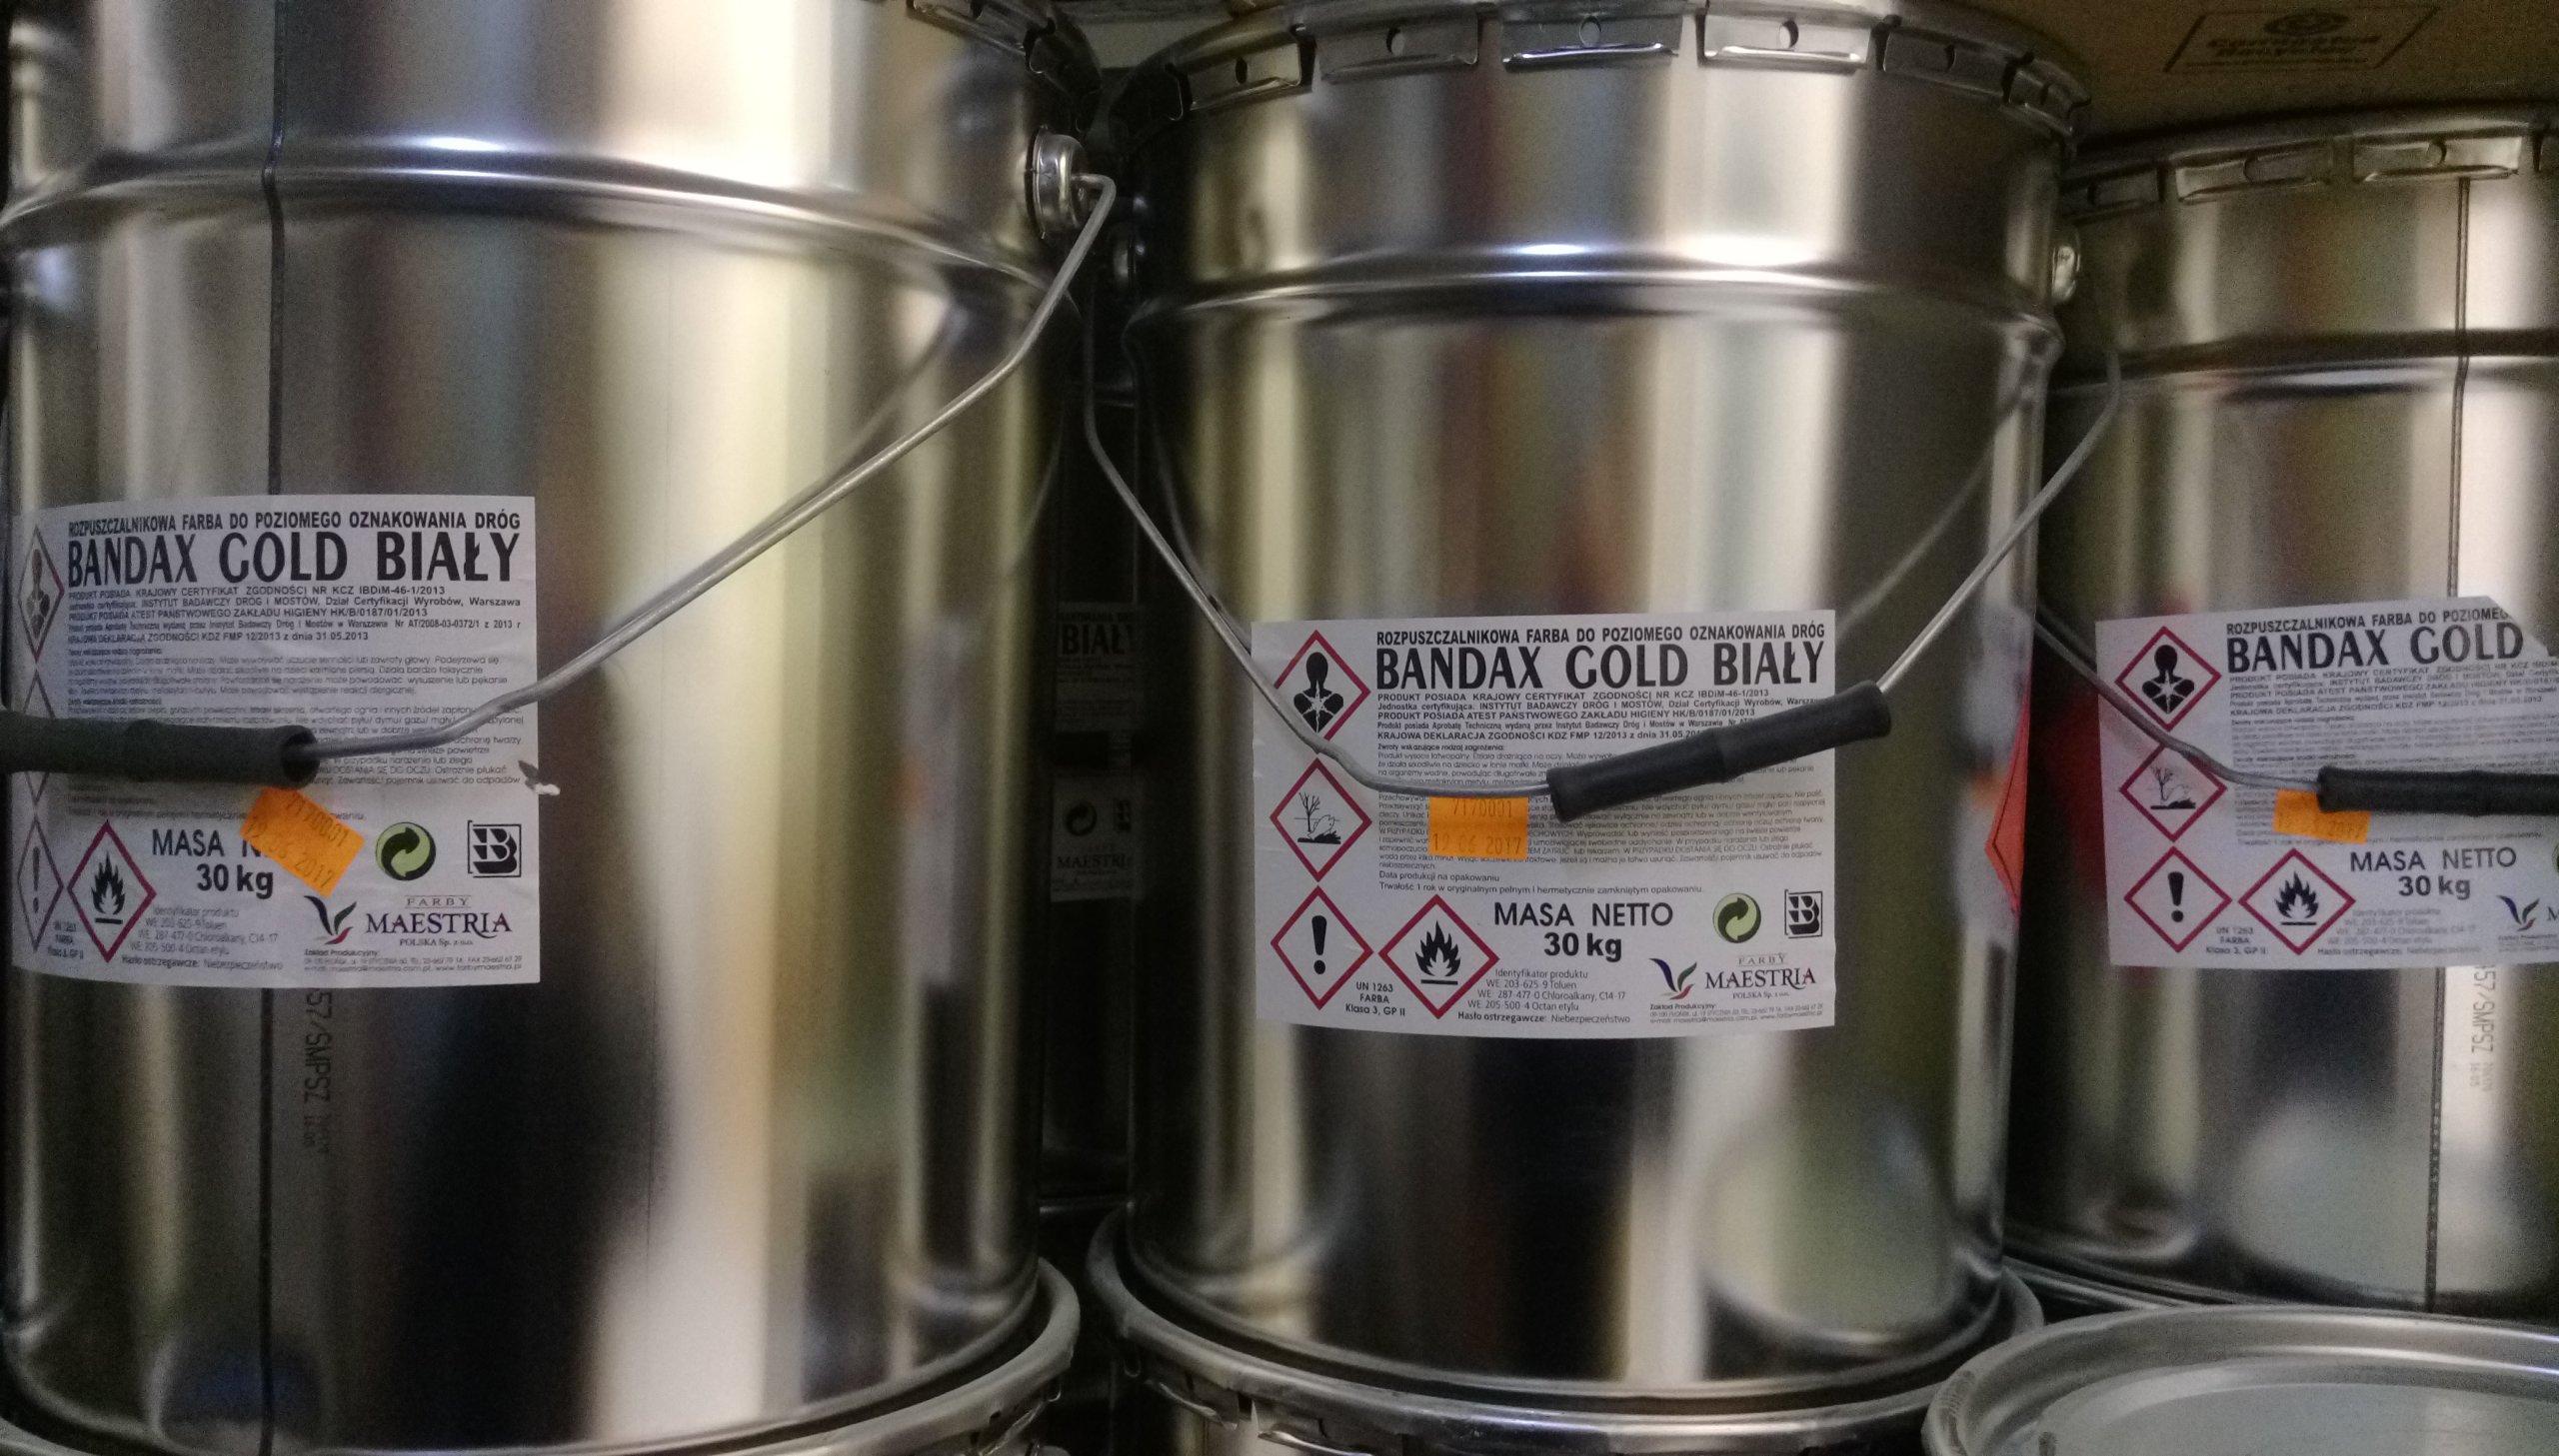 Promocja Farba Drogowa Bandax Gold Bialy 7037257656